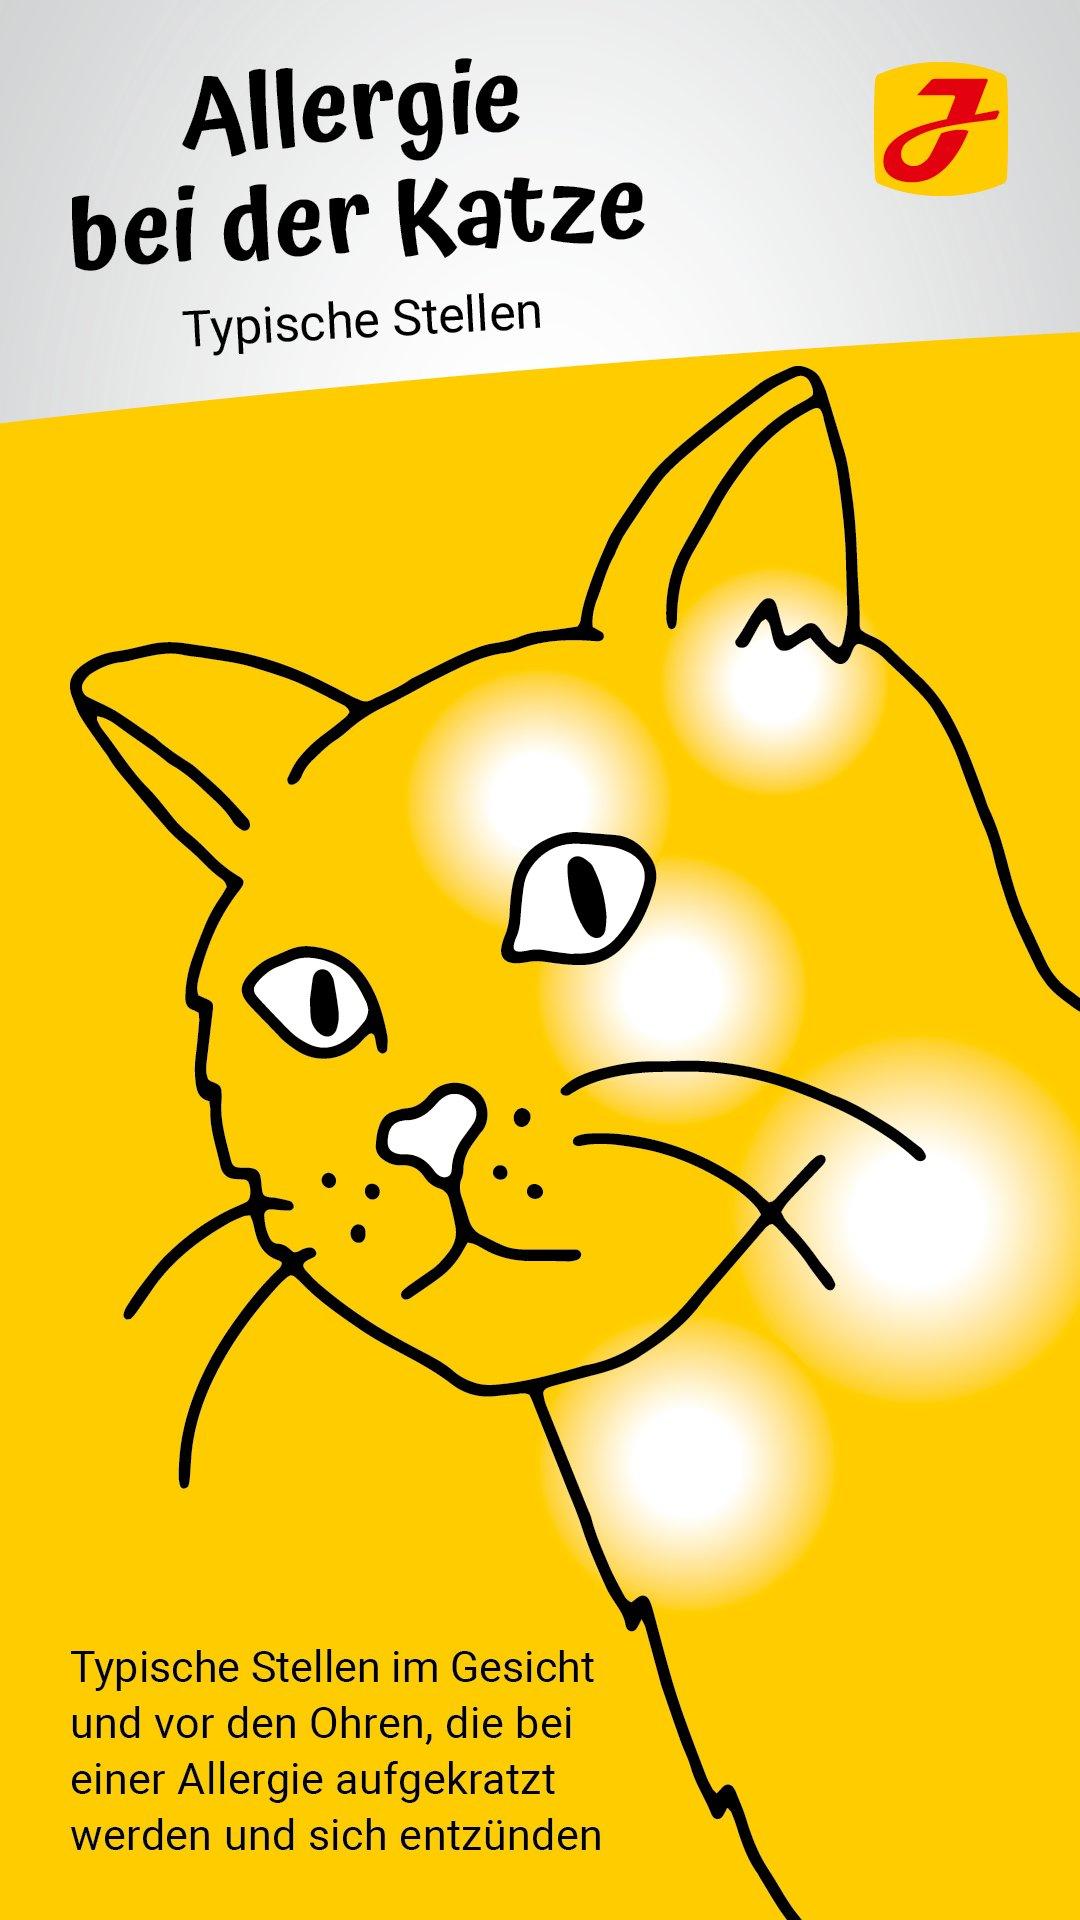 Katzen kaufen allergiker anti Katzenallergie: Katzenrassen